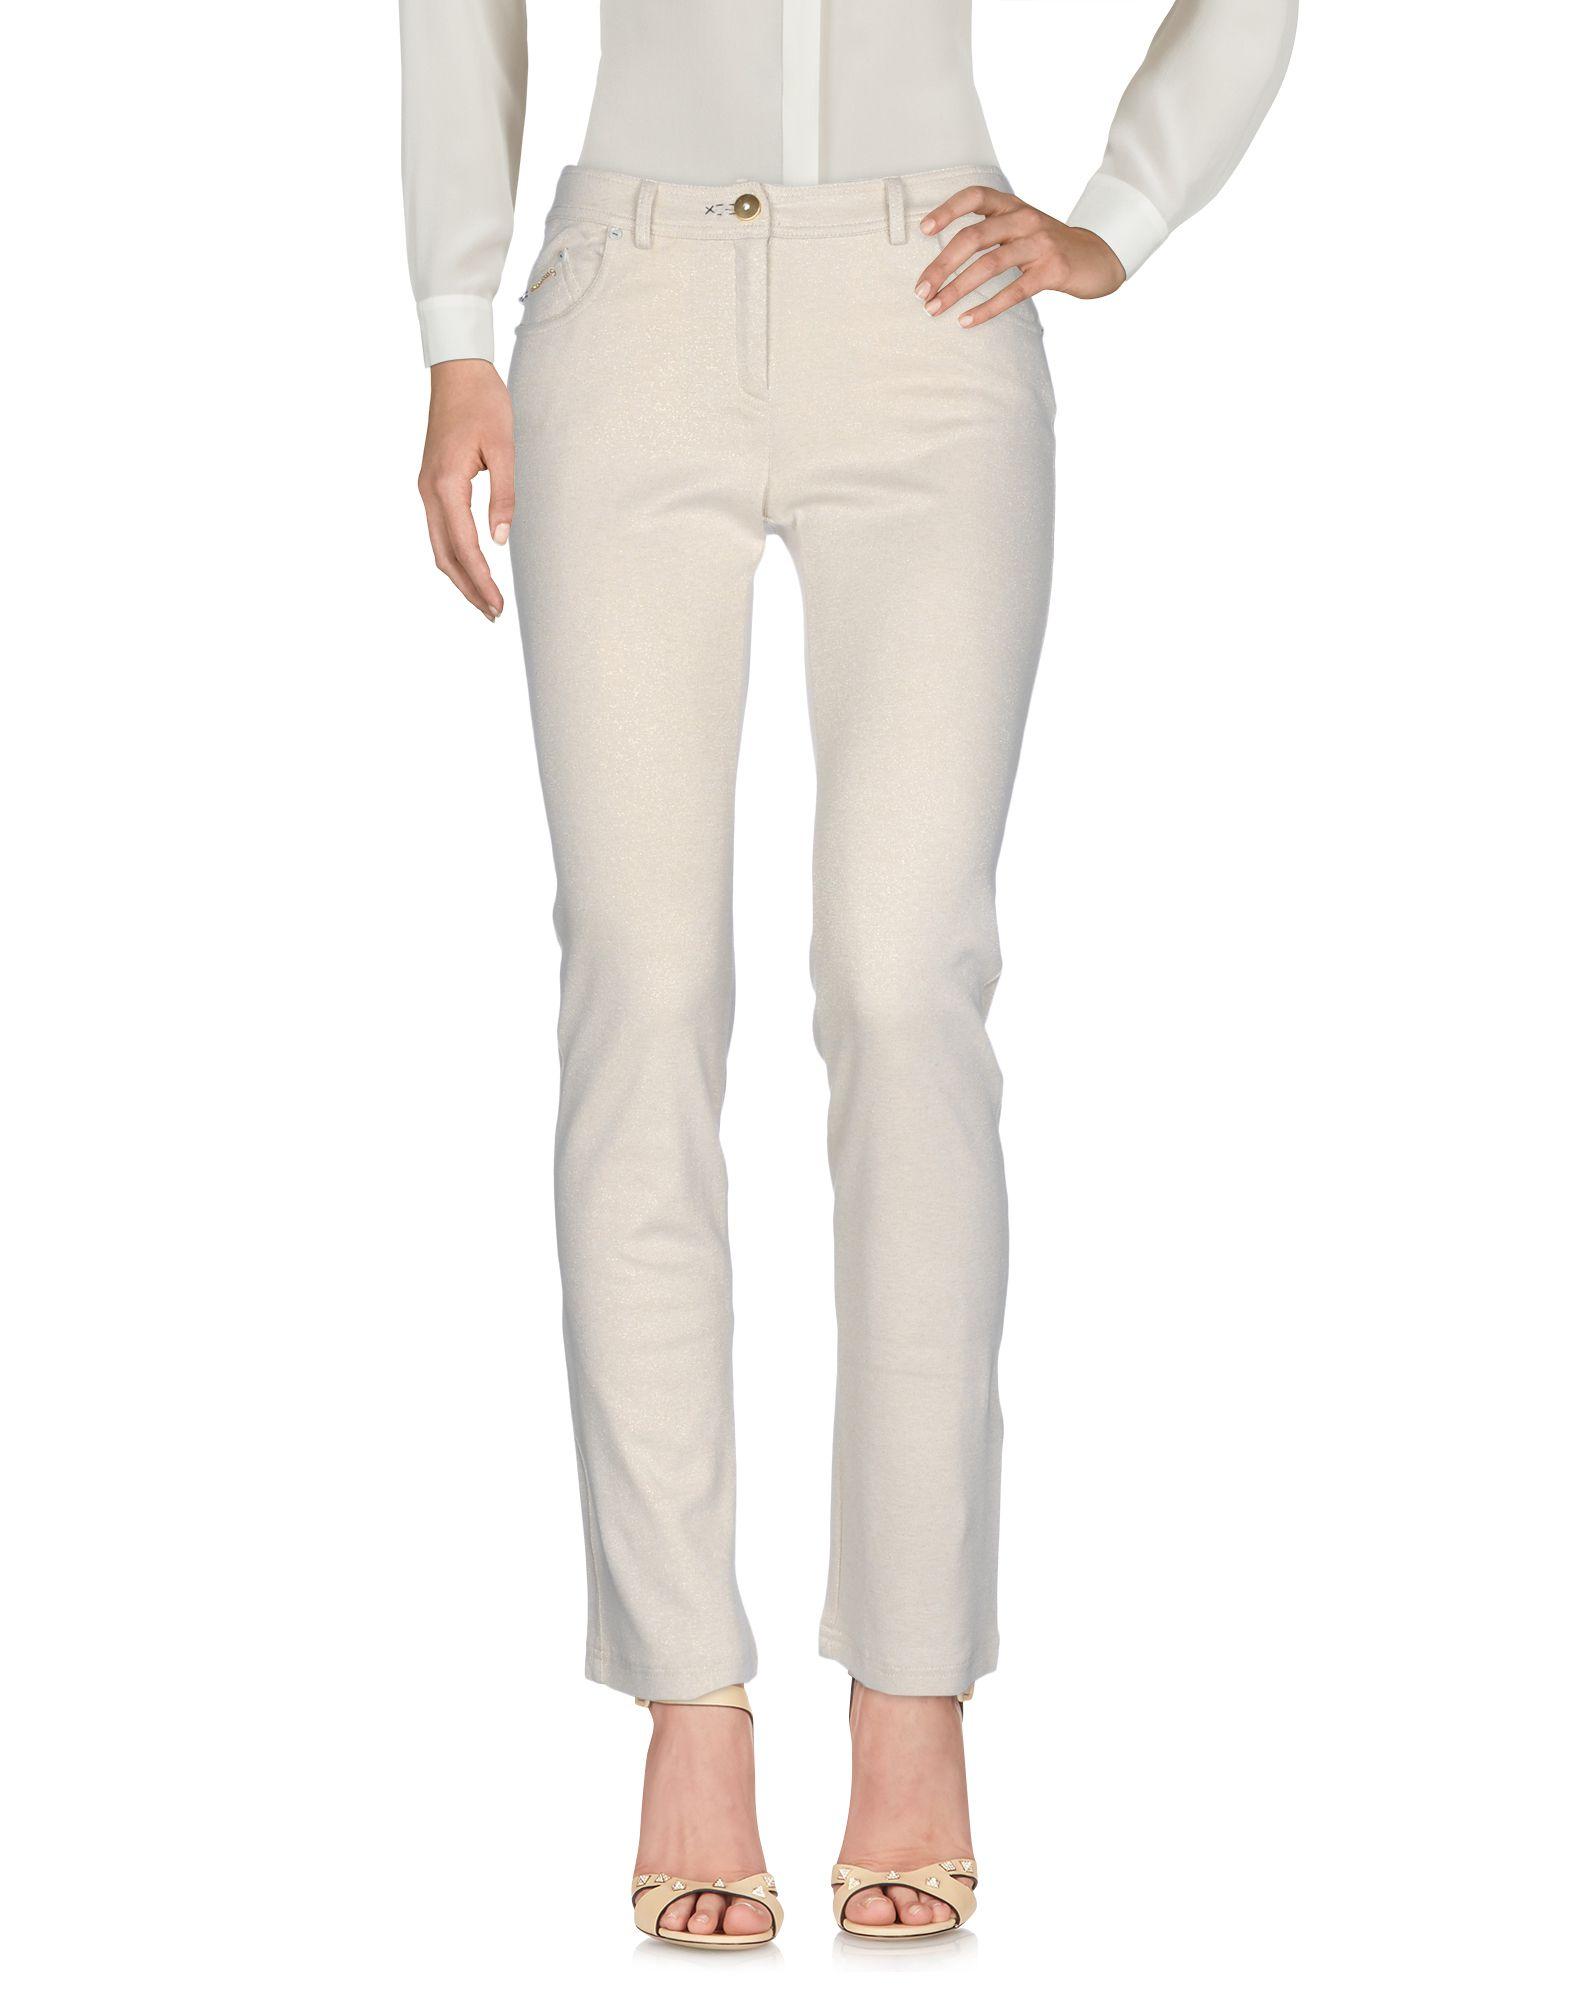 Pantalone Tricot  c damen - 13109406BR